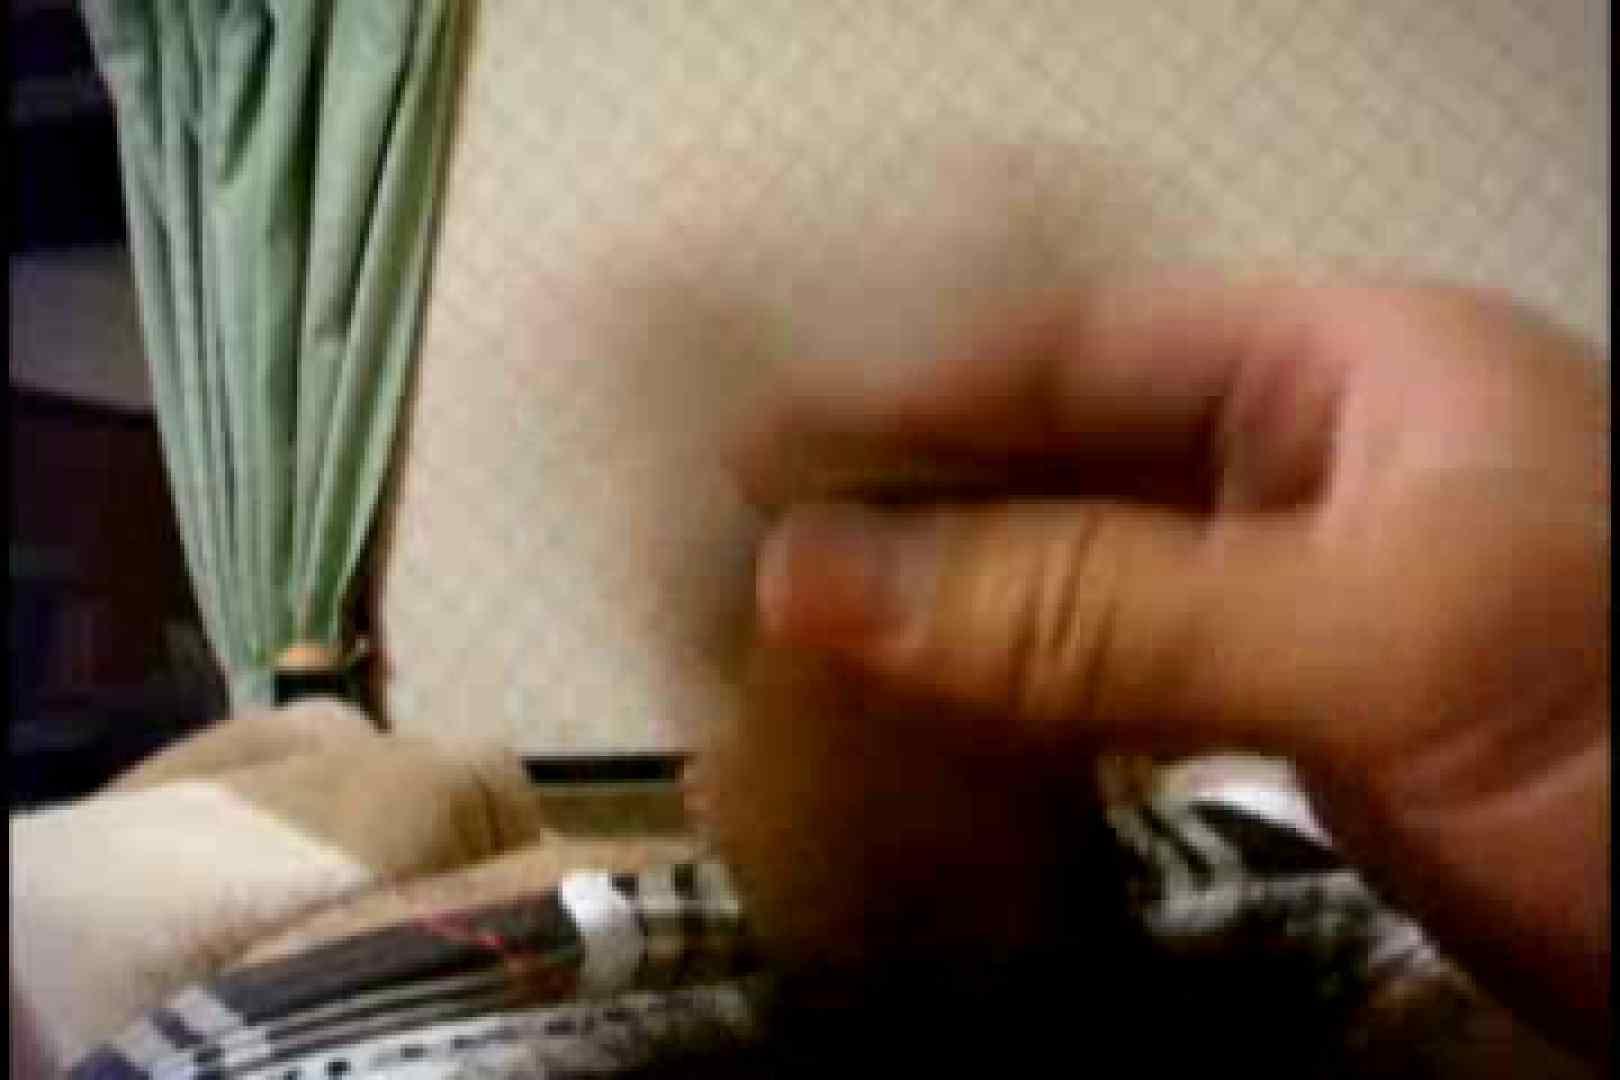 オナ好きノンケテニス部員の自画撮り投稿vol.01 ブリーフ ゲイアダルト画像 105枚 3